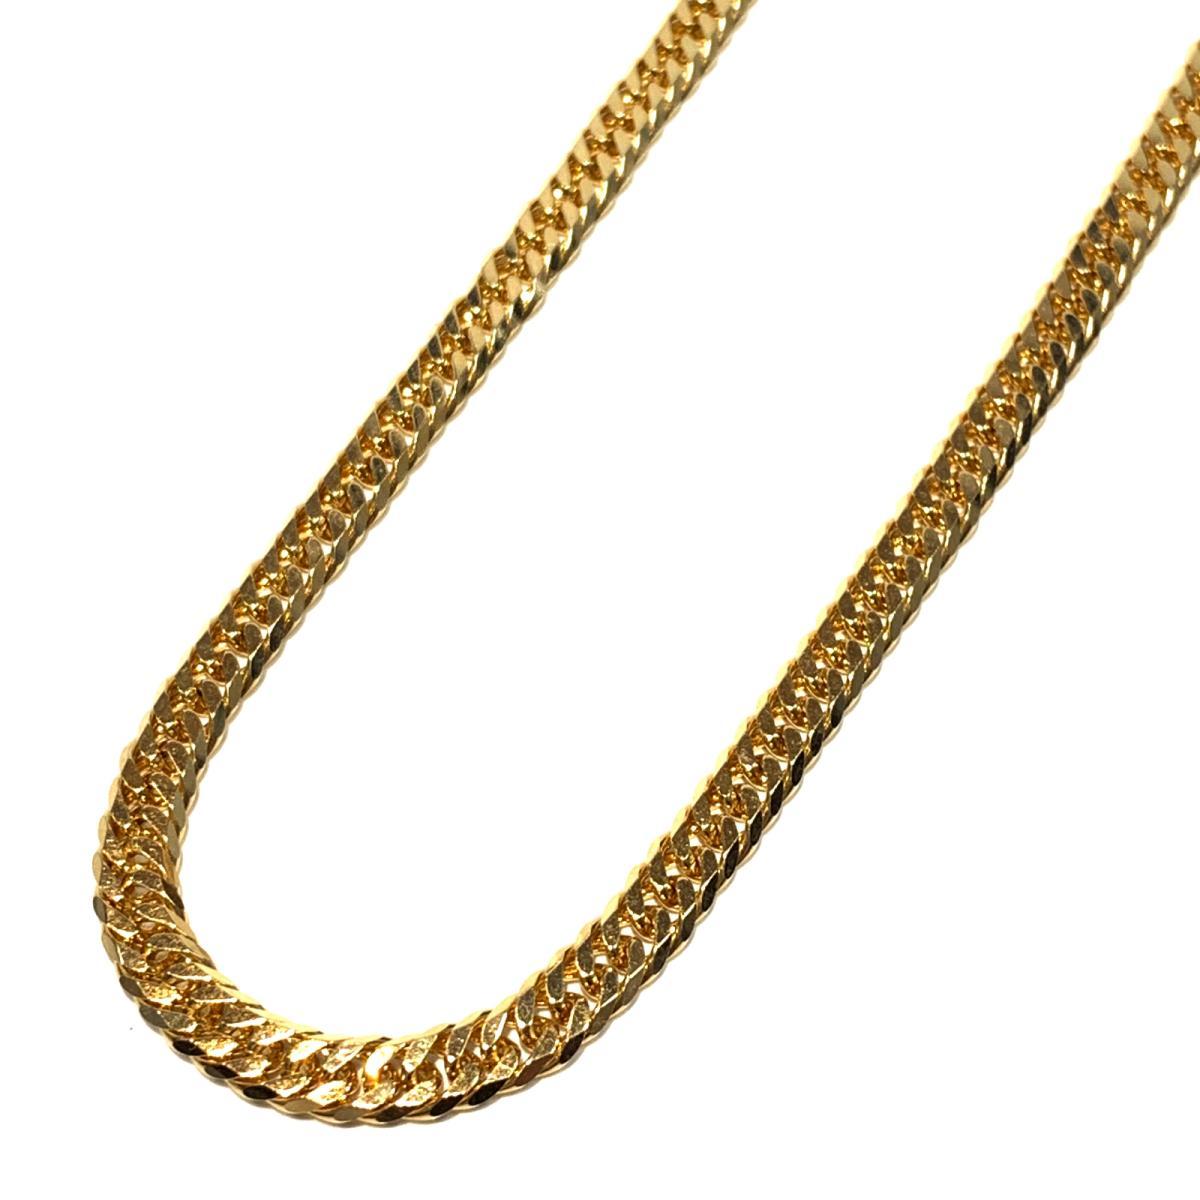 【中古】 ジュエリー 6メンWキヘイ ネックレス メンズ レディース K18YG (750) イエローゴールド ゴールド   JEWELRY BRANDOFF ブランドオフ アクセサリー ペンダント